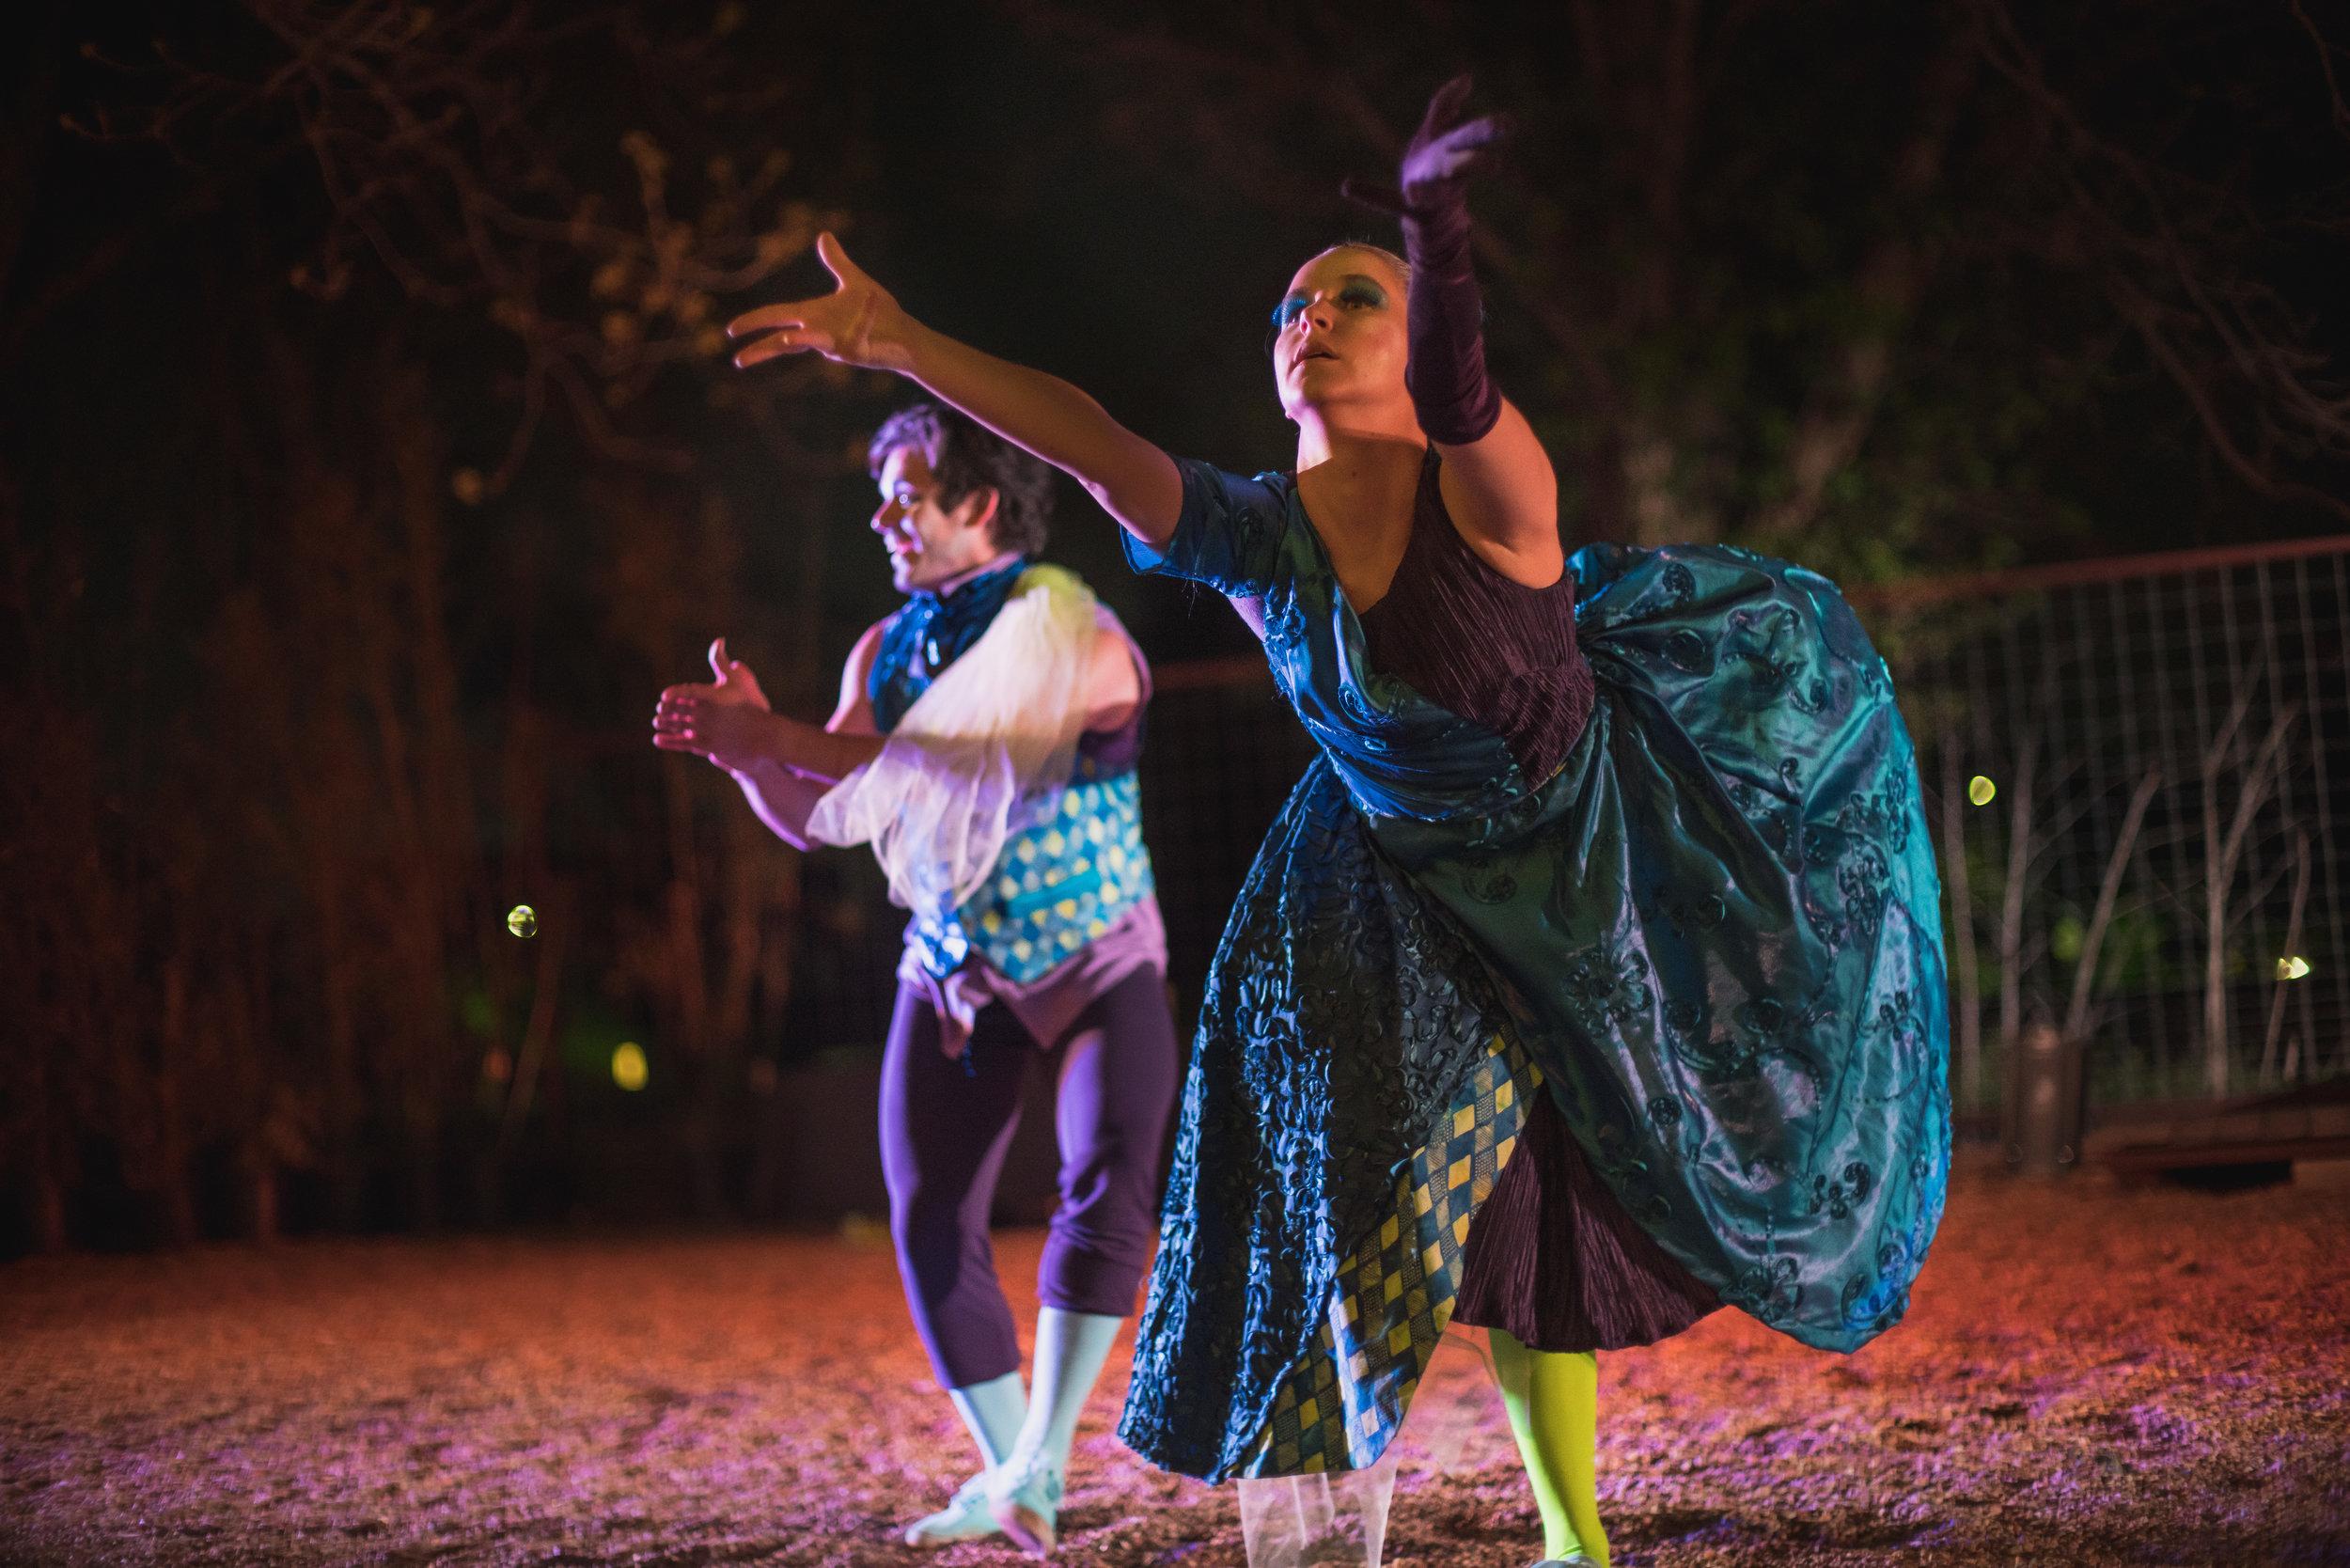 Renaissance dancers at Austin event